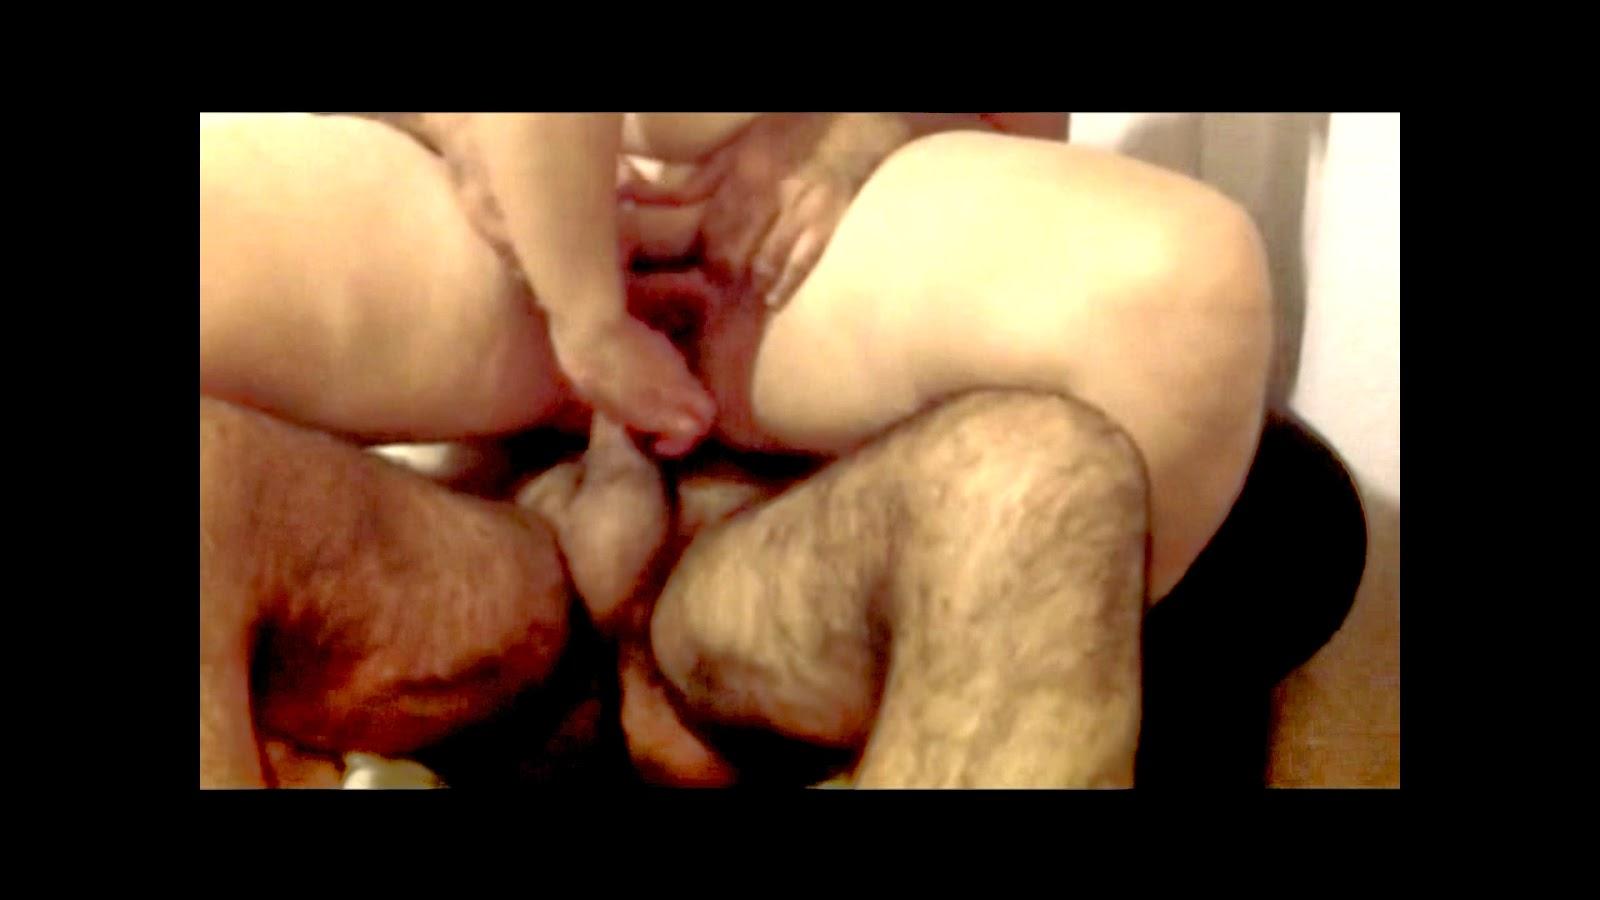 Kardeşiyle sikişirken babasına yakalandı  Sürpriz Porno